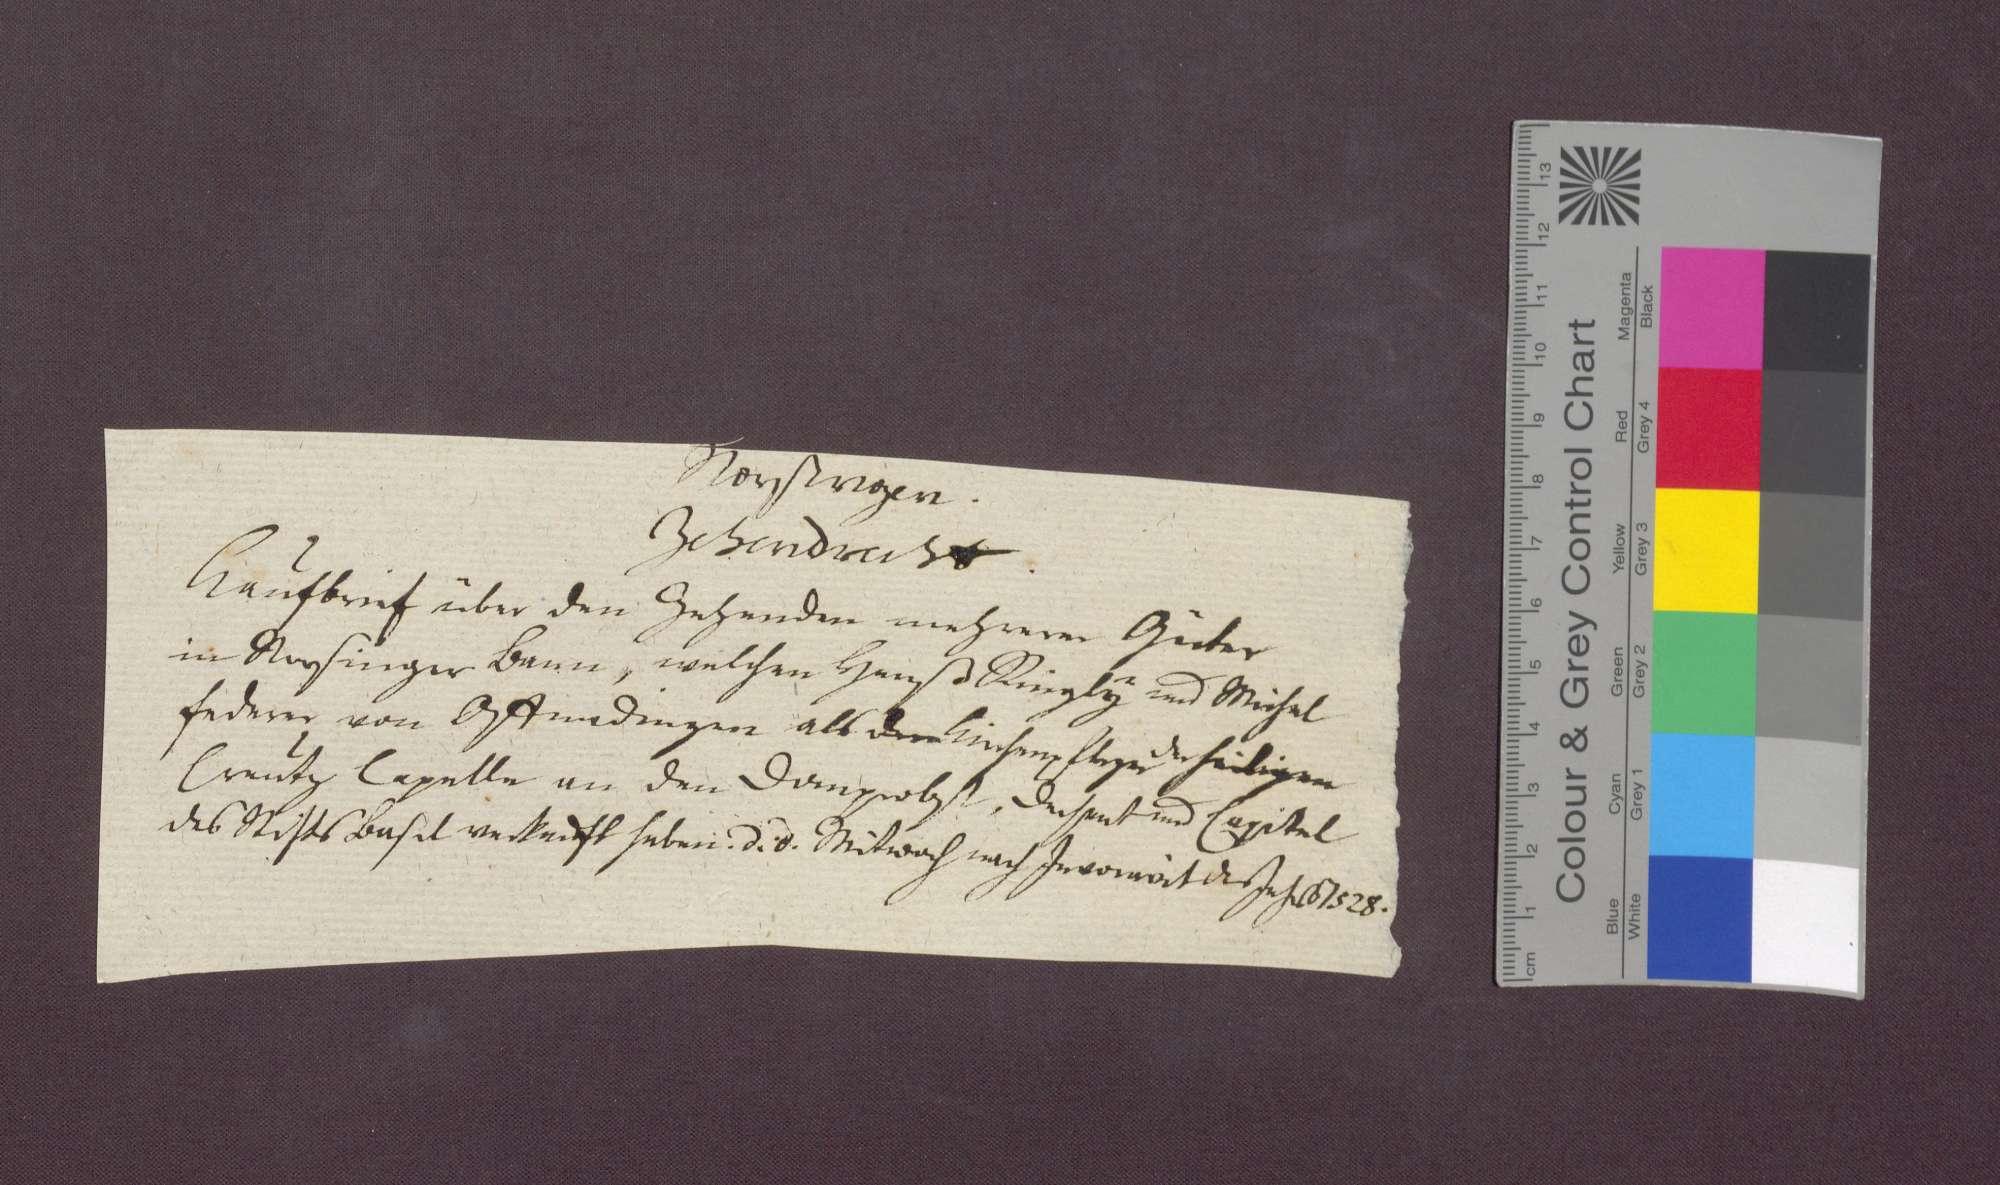 Die Kirchenpfleger zu Offnadingen verkaufen einen Zehnten in Norsinger Bann an das Basler Domkapitel., Bild 1